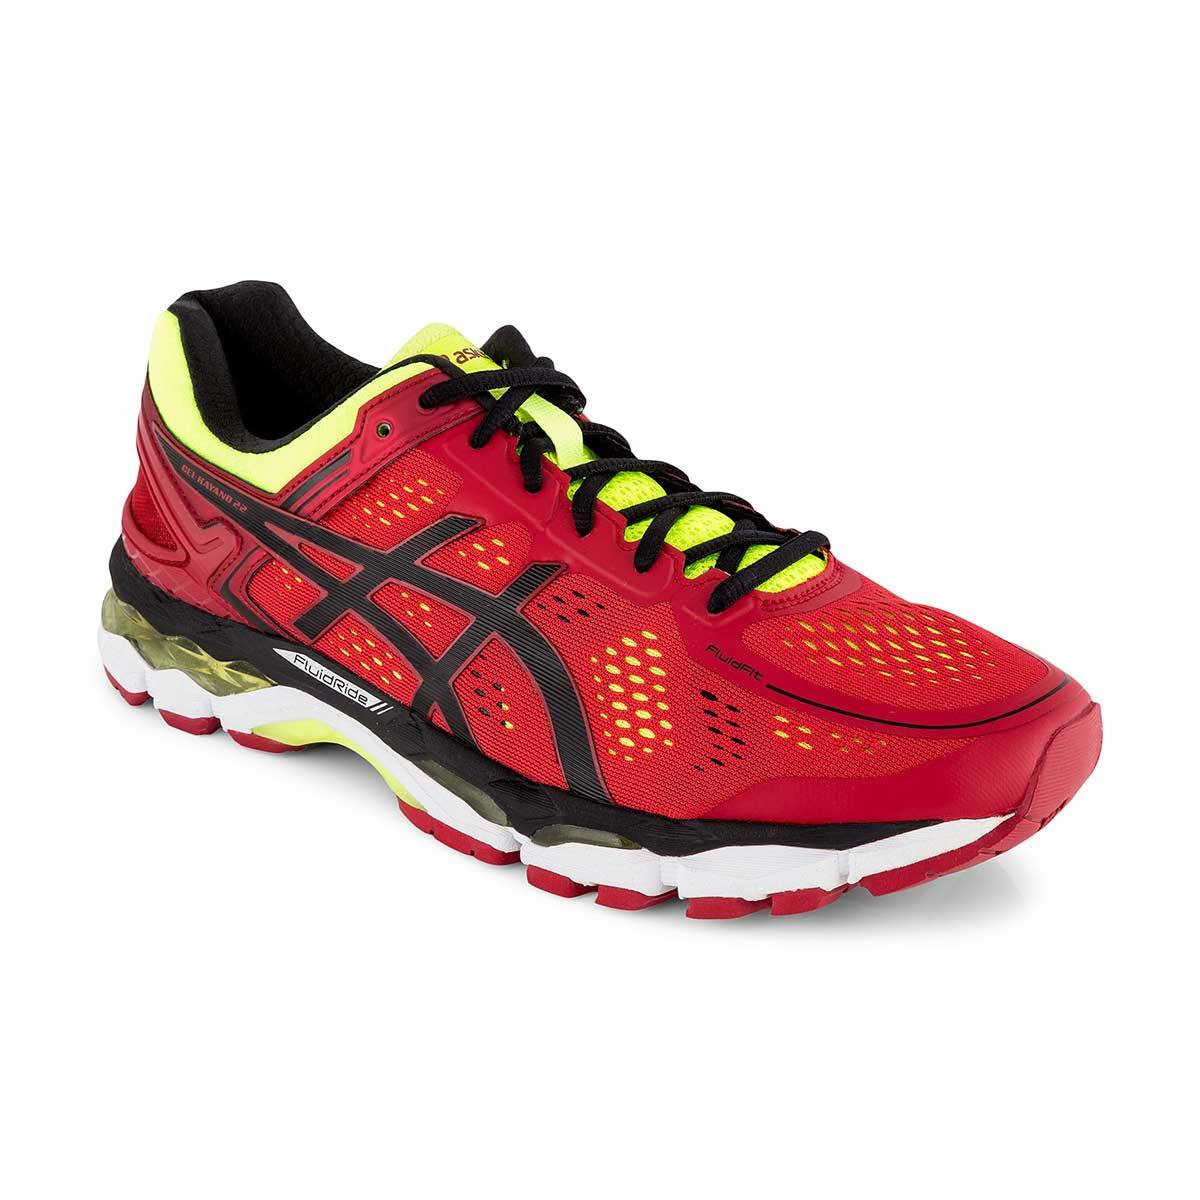 online retailer 65c19 4c66b Asics Gel-Kayano 22 Running Shoes (Red Pepper/Black/Flash Yellow)